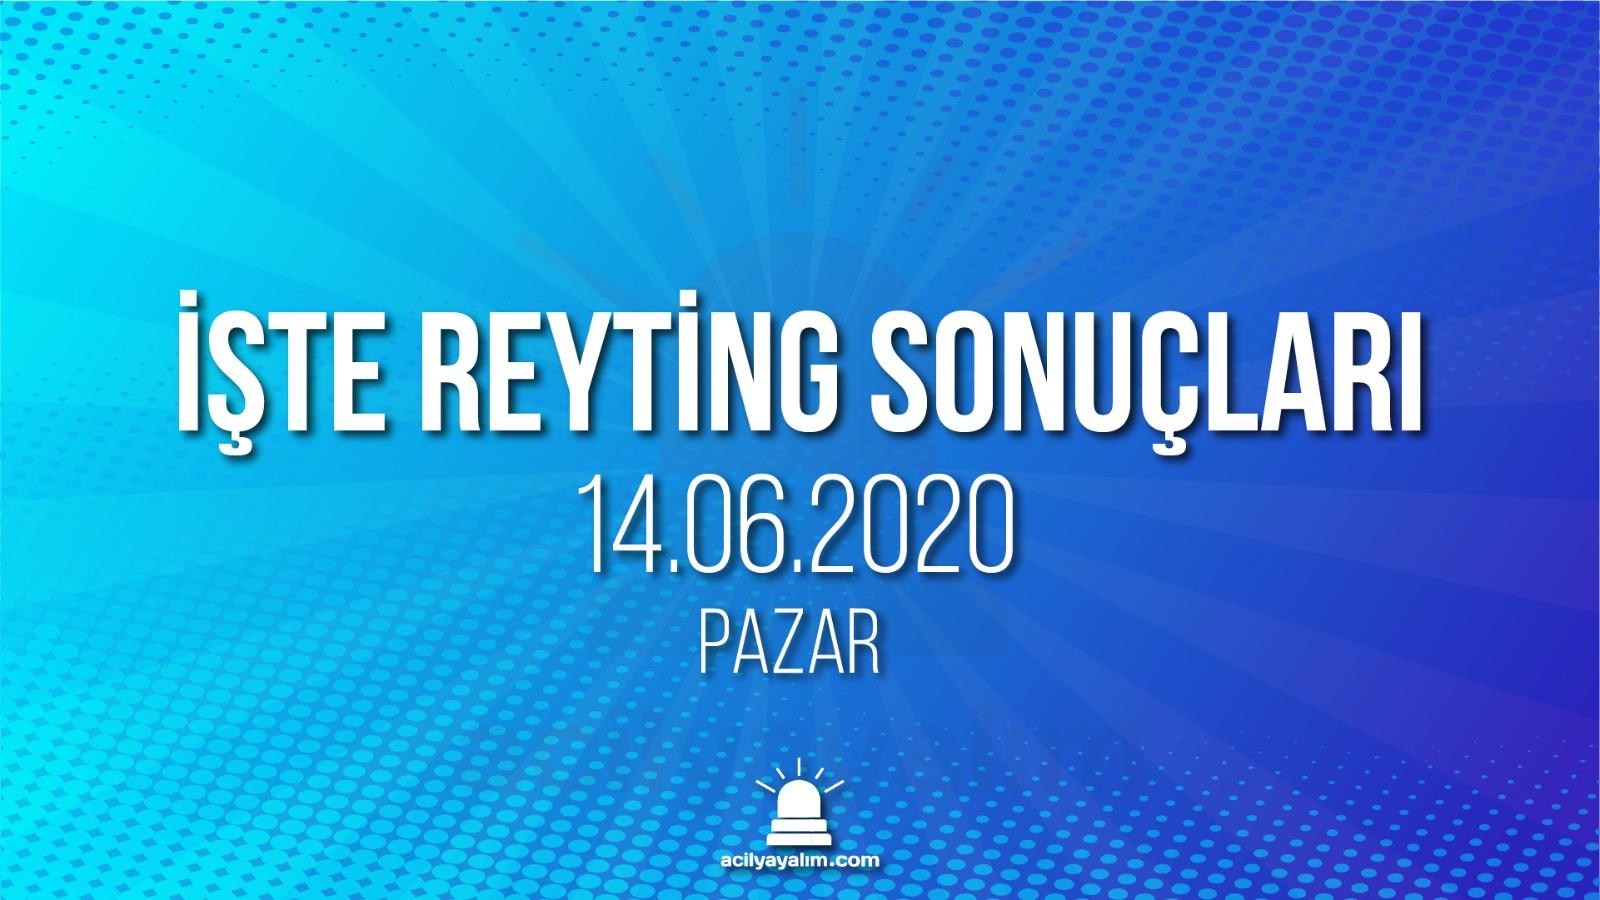 14 Haziran 2020 Pazar reyting sonuçları